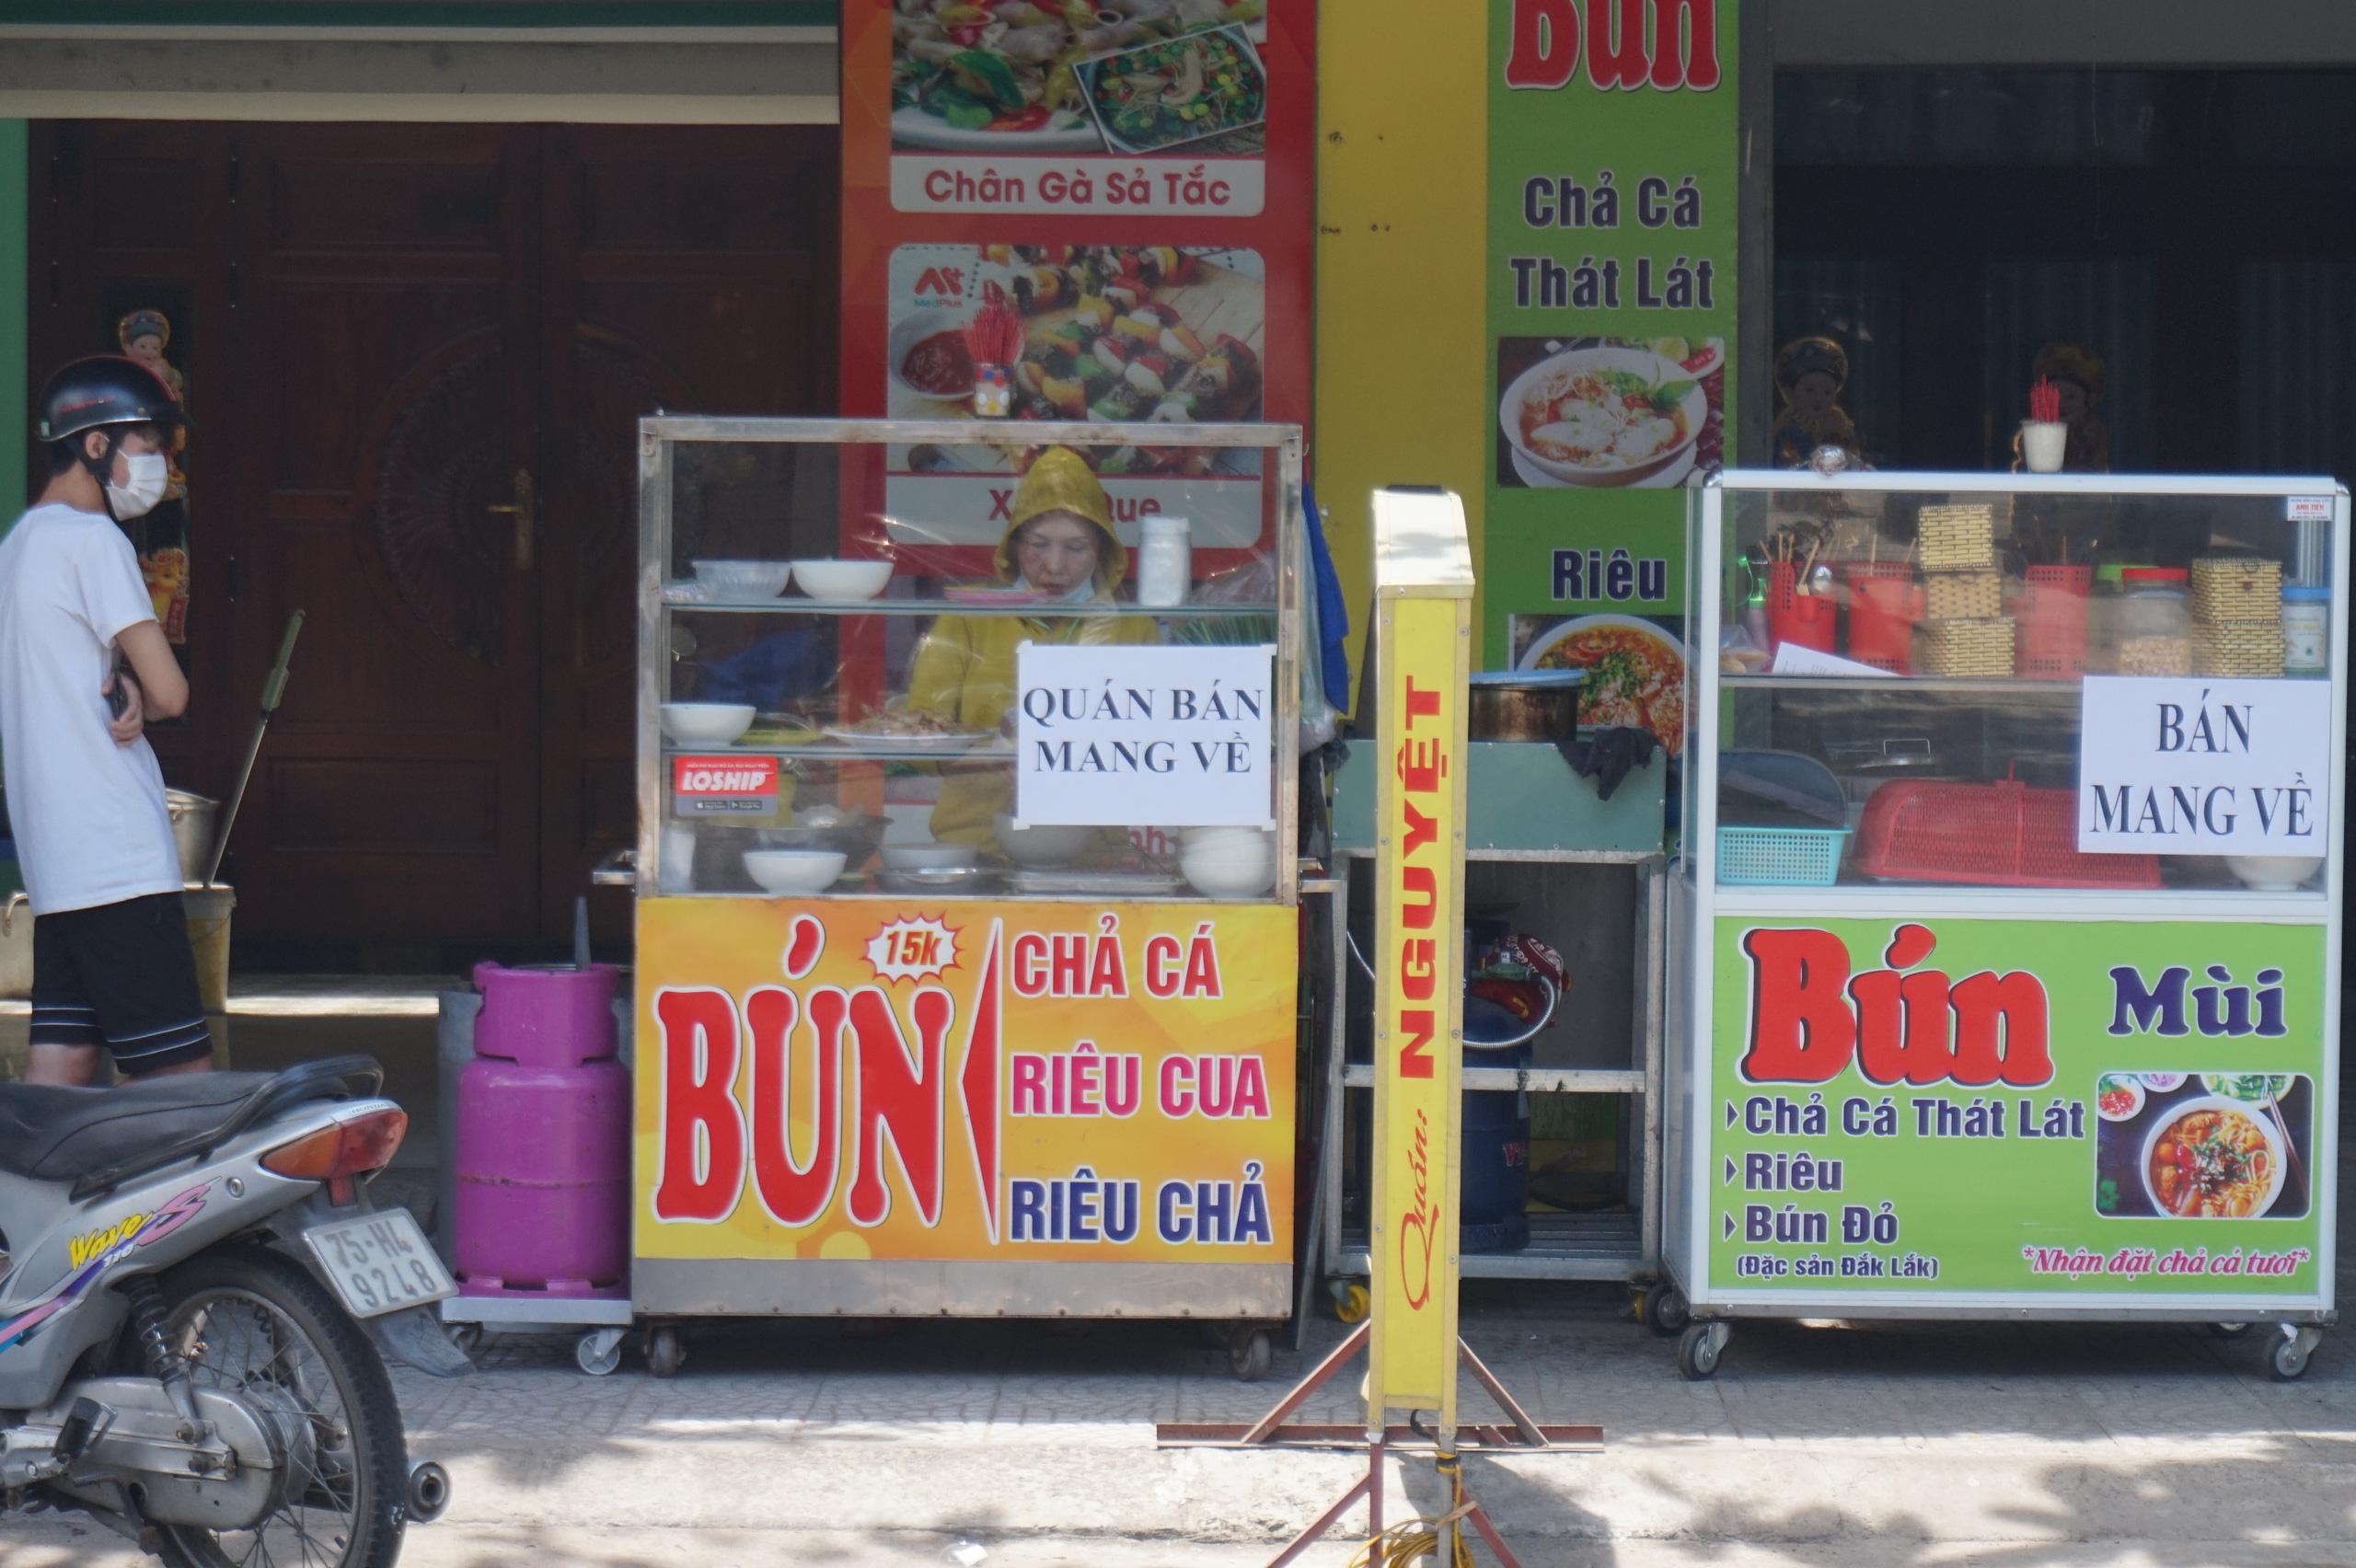 Đà Nẵng: Hàng quán nghiêm chỉnh treo bảng bán mang về, thậm chí đóng cửa để phòng chống dịch Covid-19 - Ảnh 4.